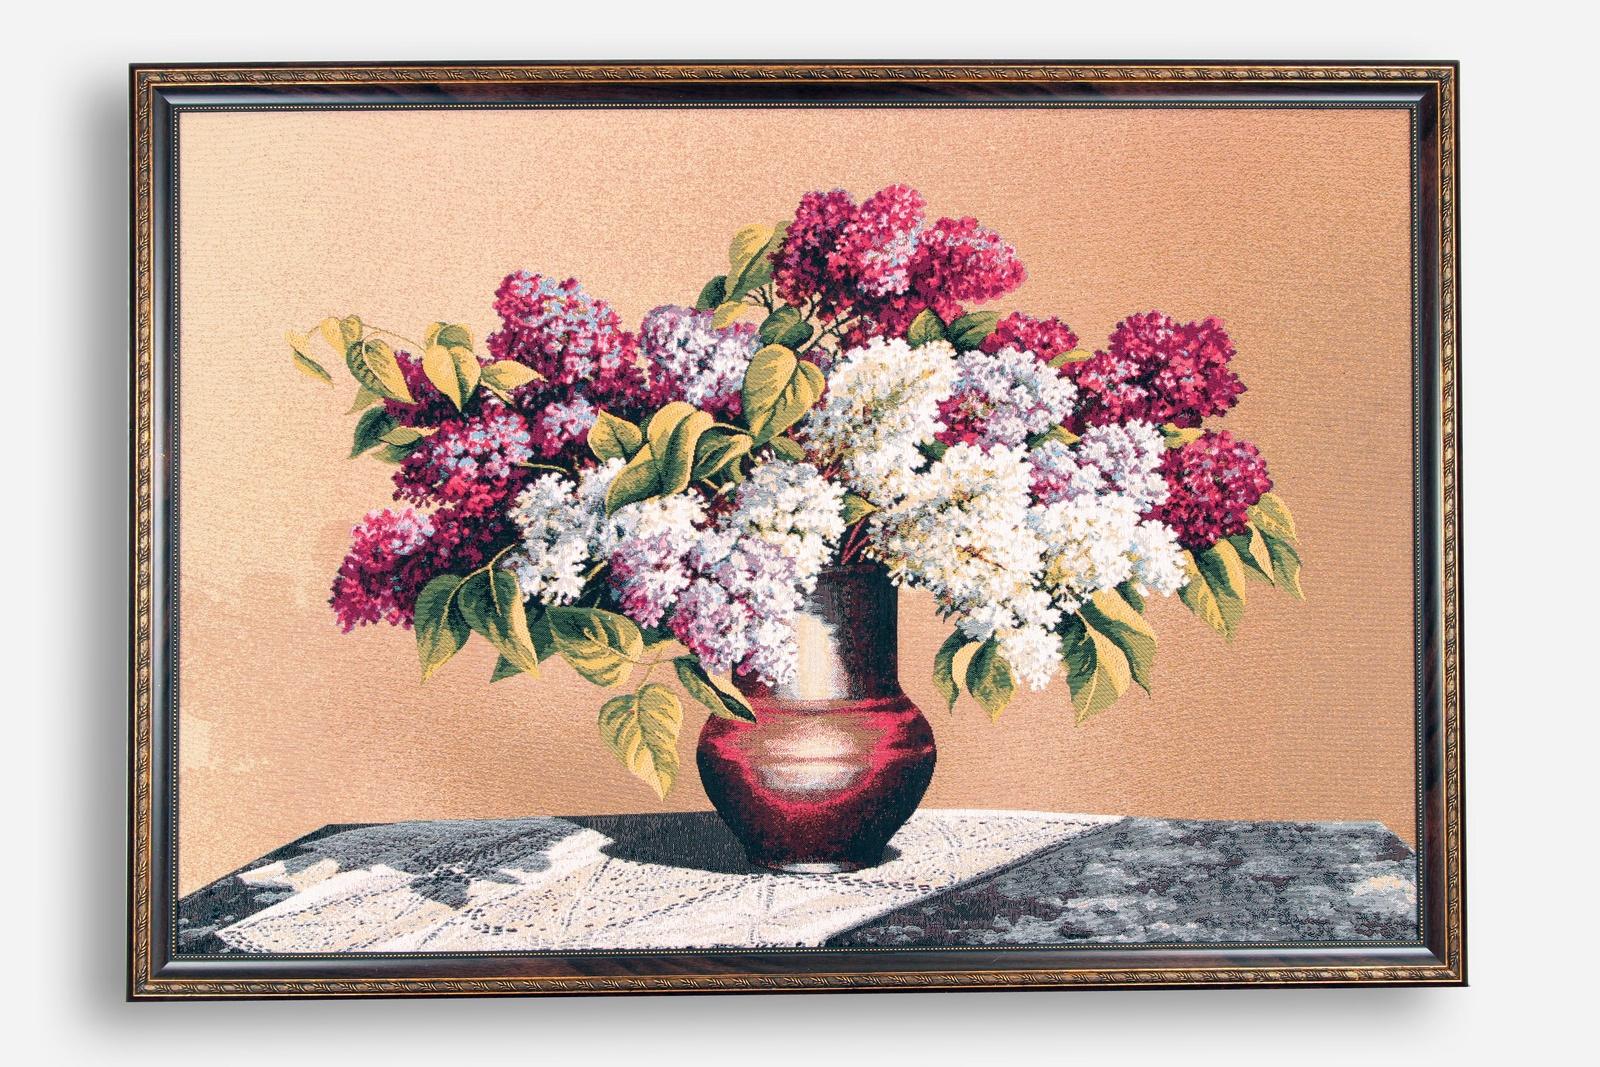 Картина Магазин гобеленов сирень в кувшине 75*107 см, Гобелен сирень картина верность 60 40 см